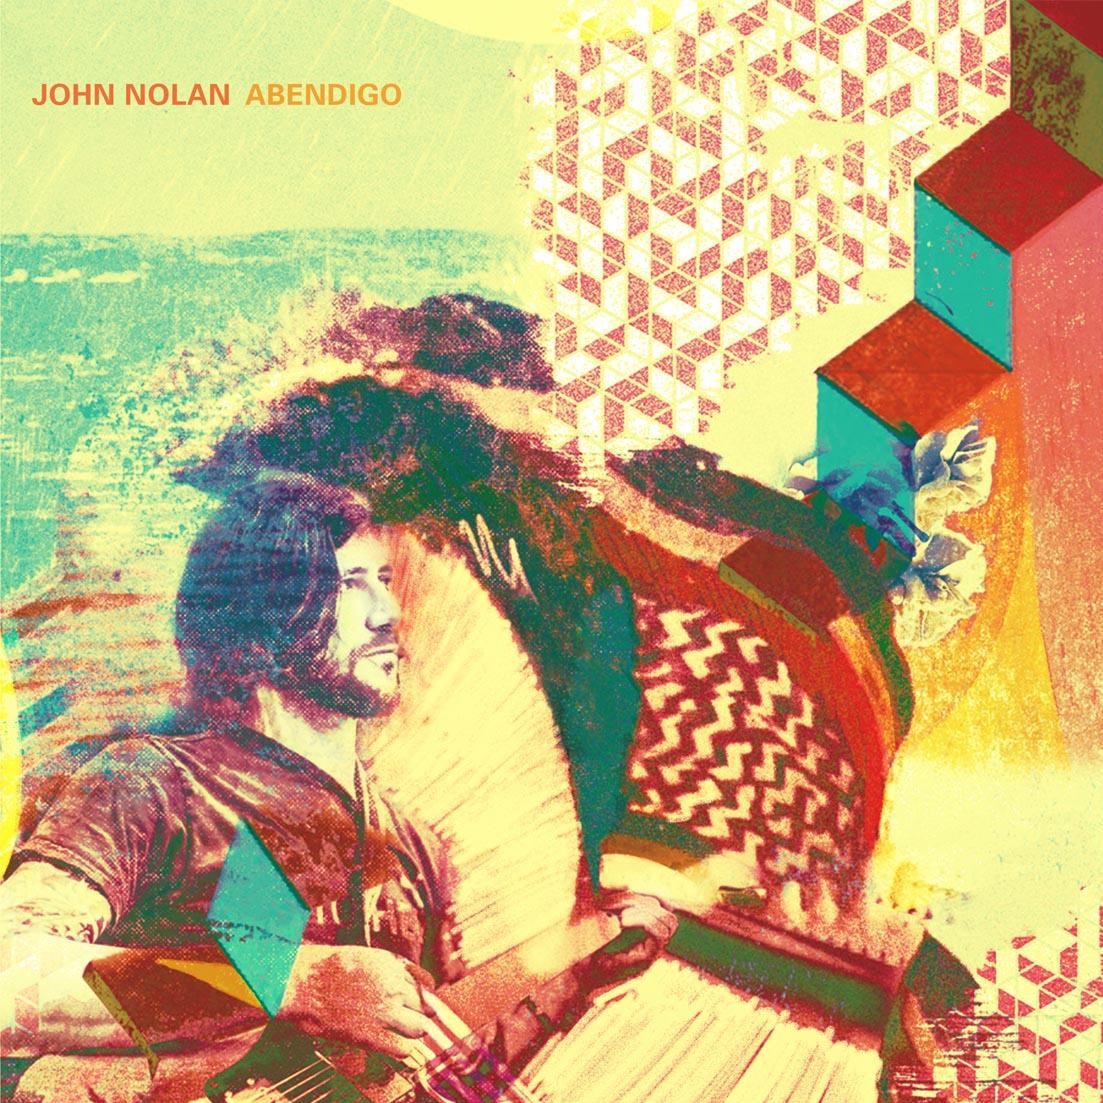 John Nolan's 'Abendigo' Cover